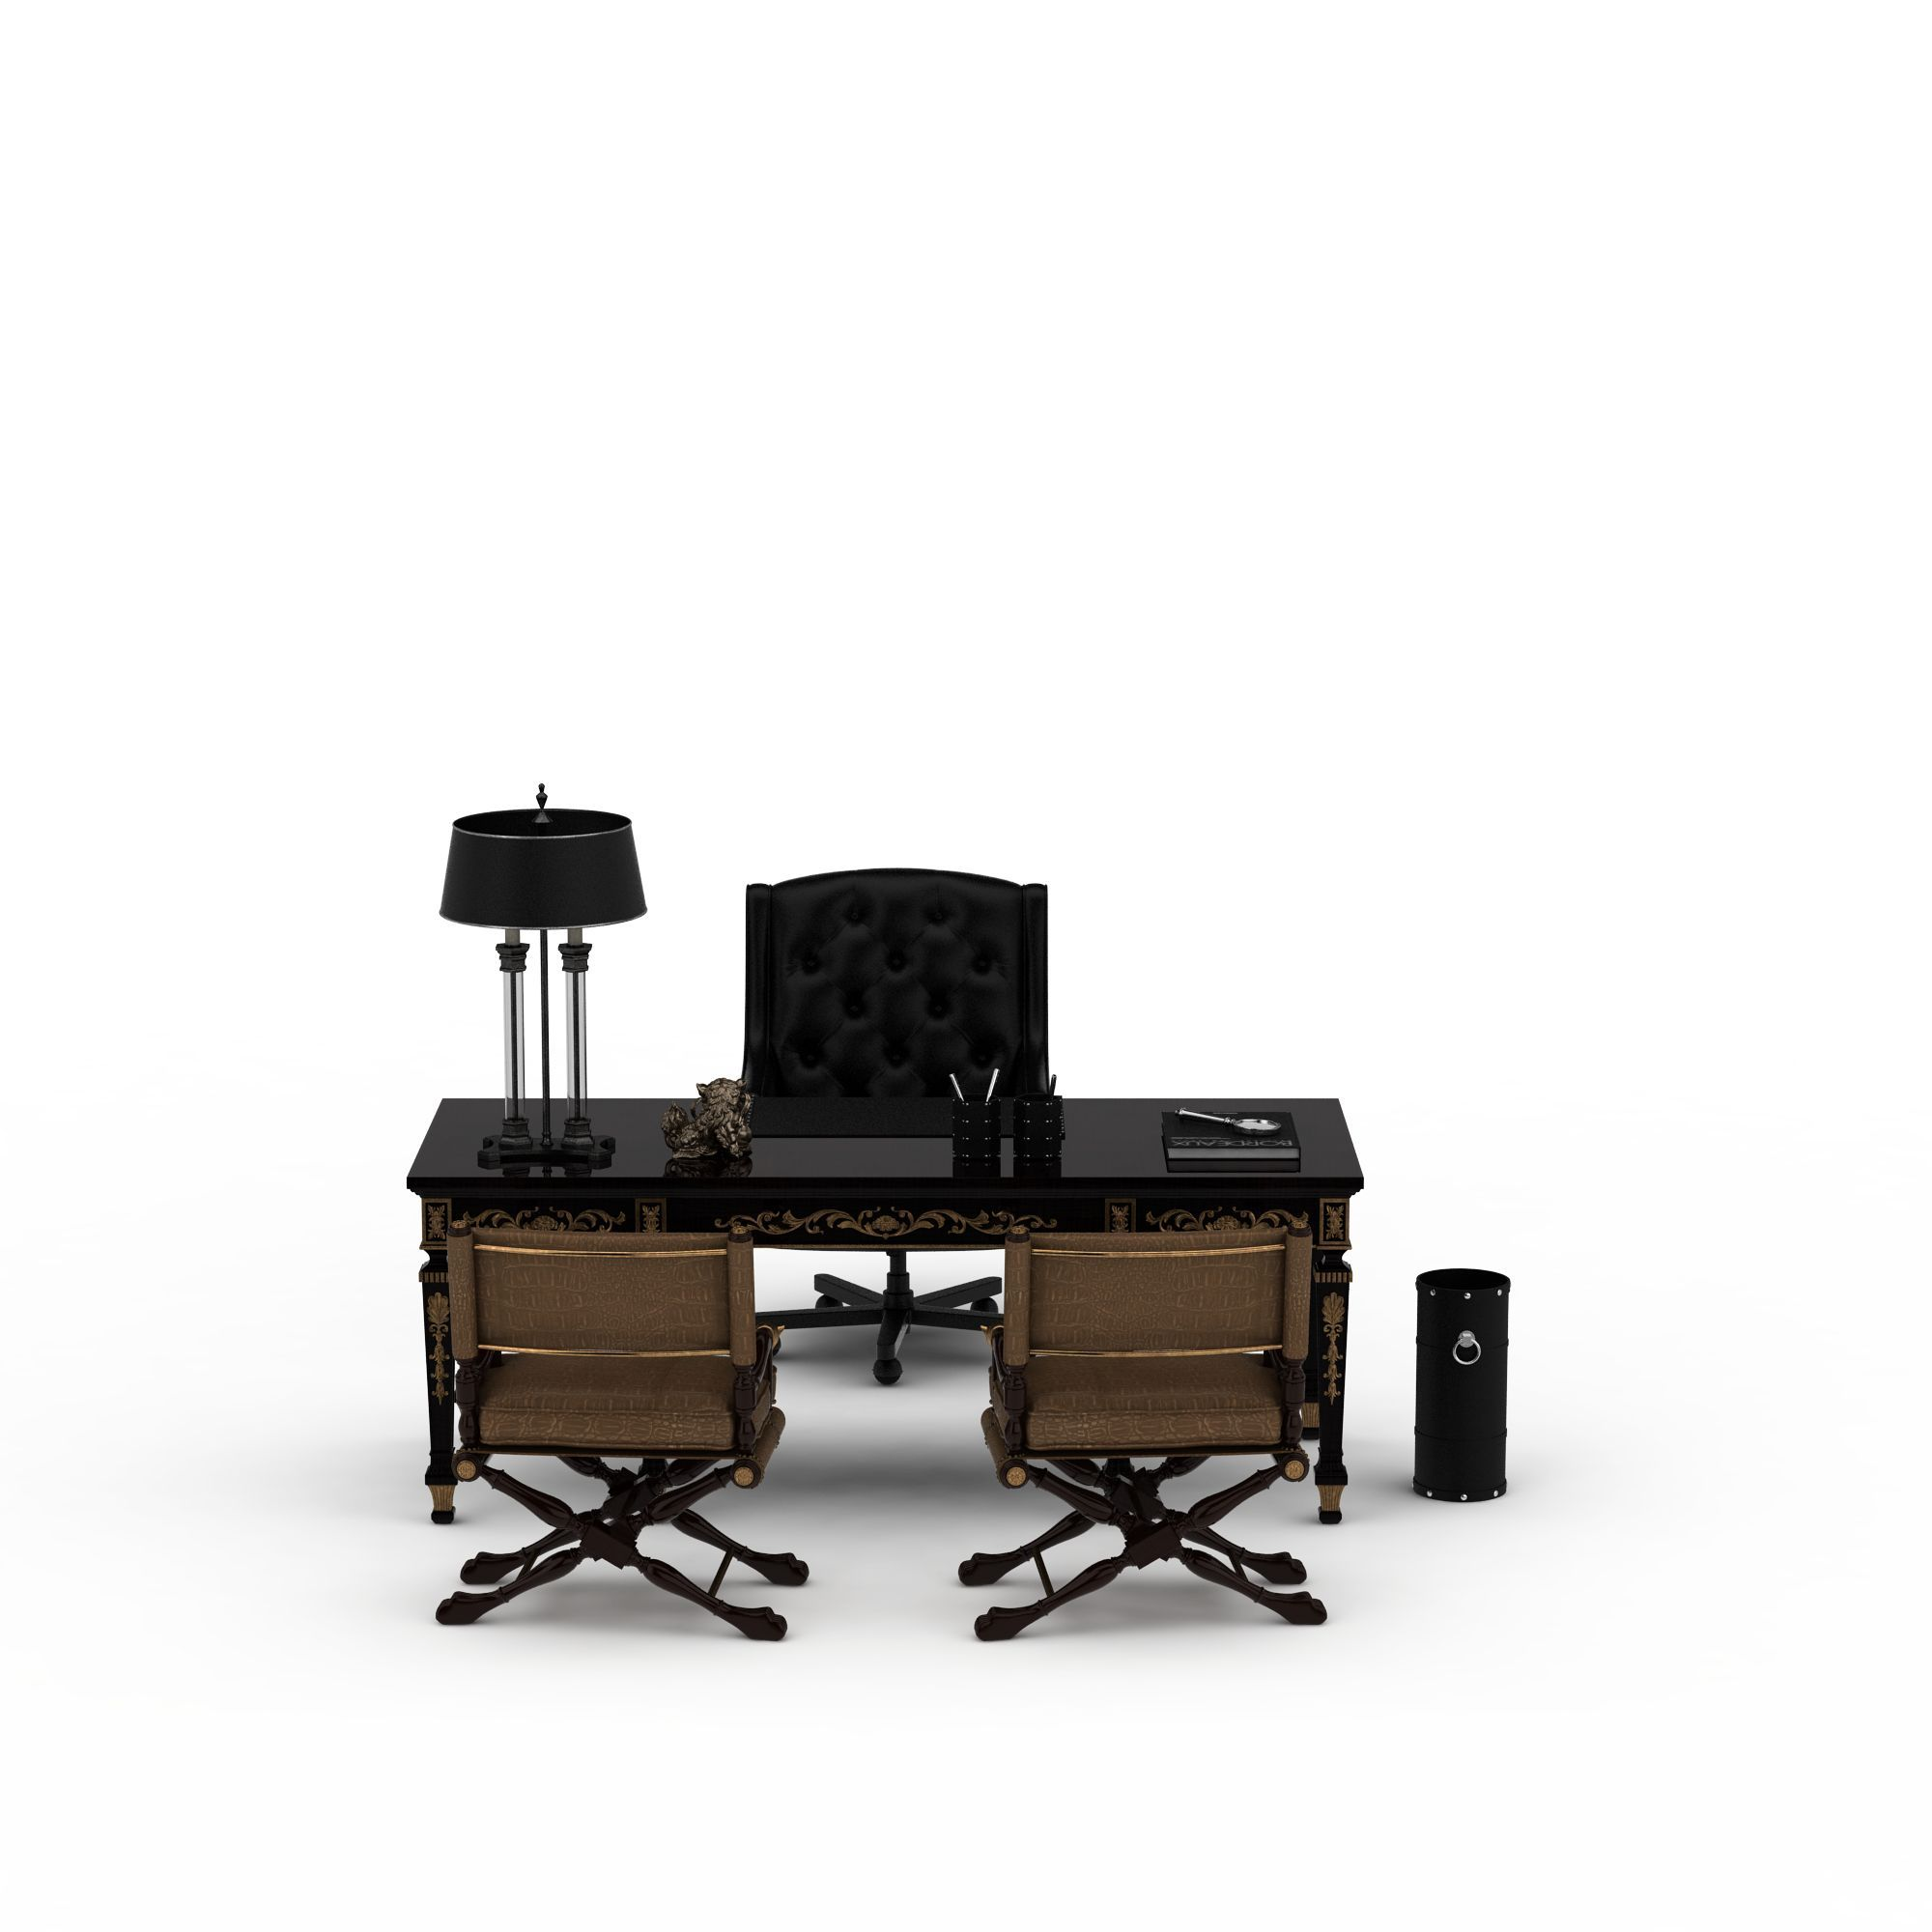 桌椅 办公桌椅3d模型 办公桌椅png高清图  办公桌椅高清图详情 设计师